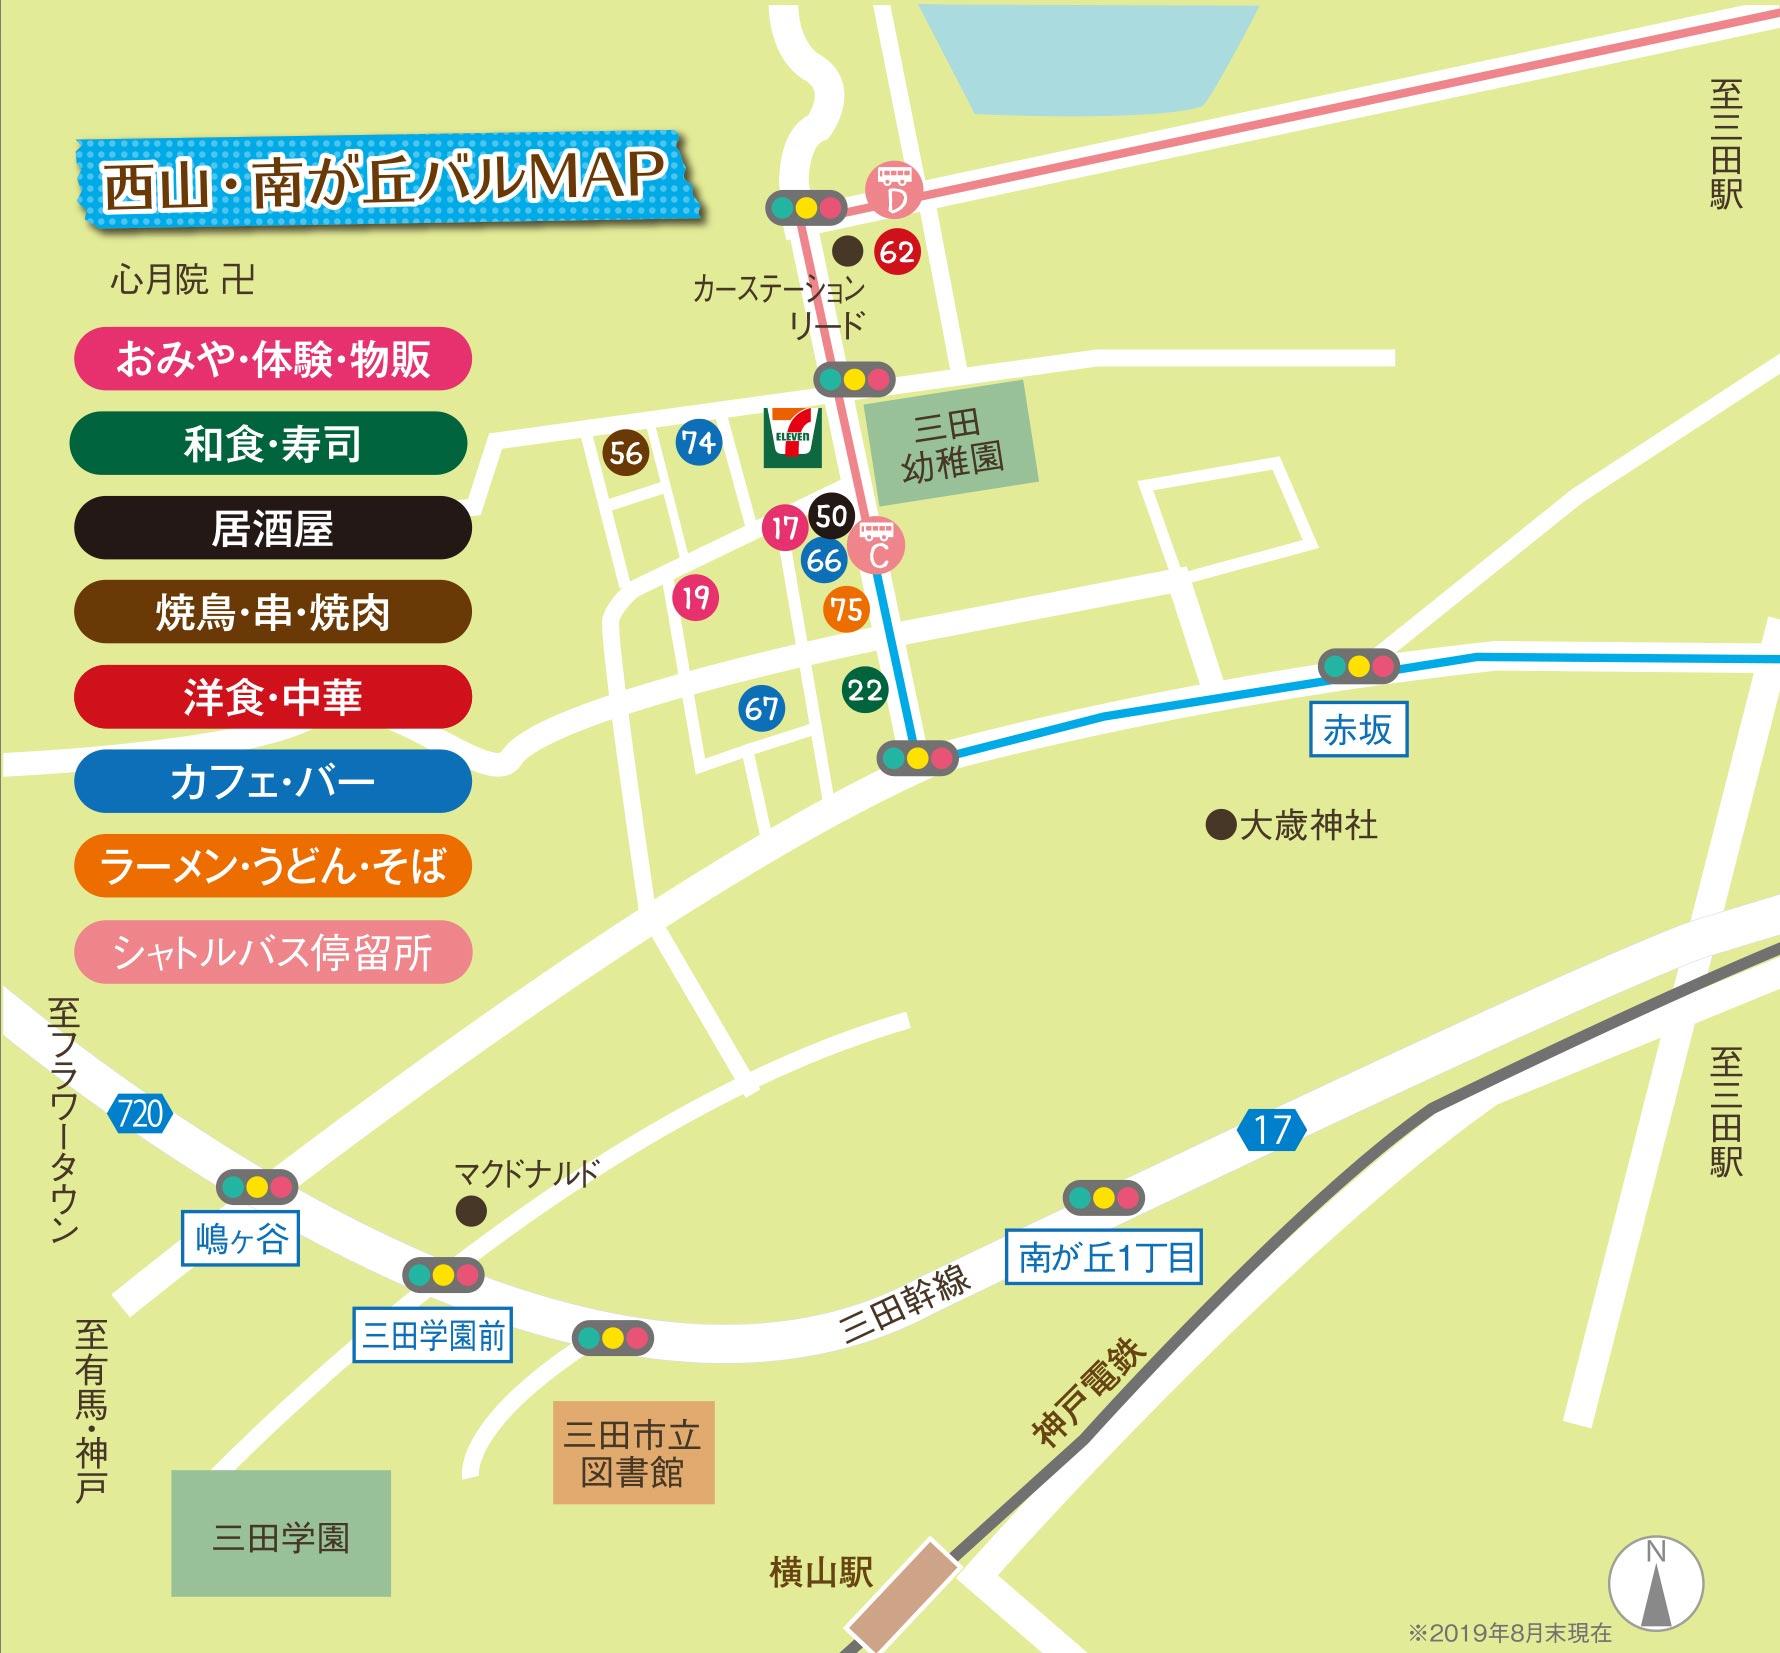 第9回 三田バルMAP(西山)